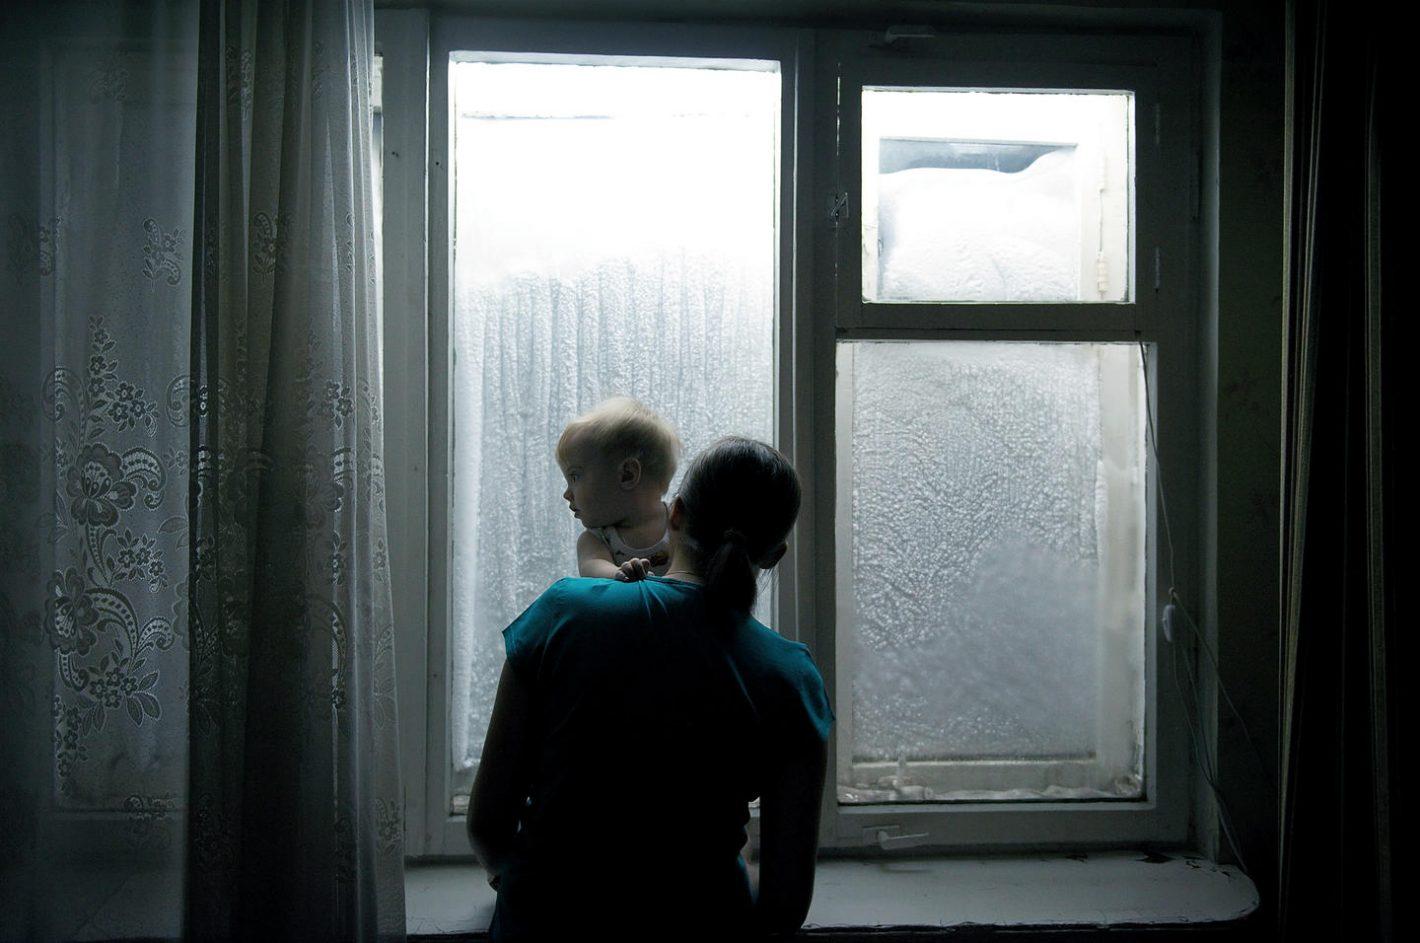 Elena chernyshova Nikon Norilsk